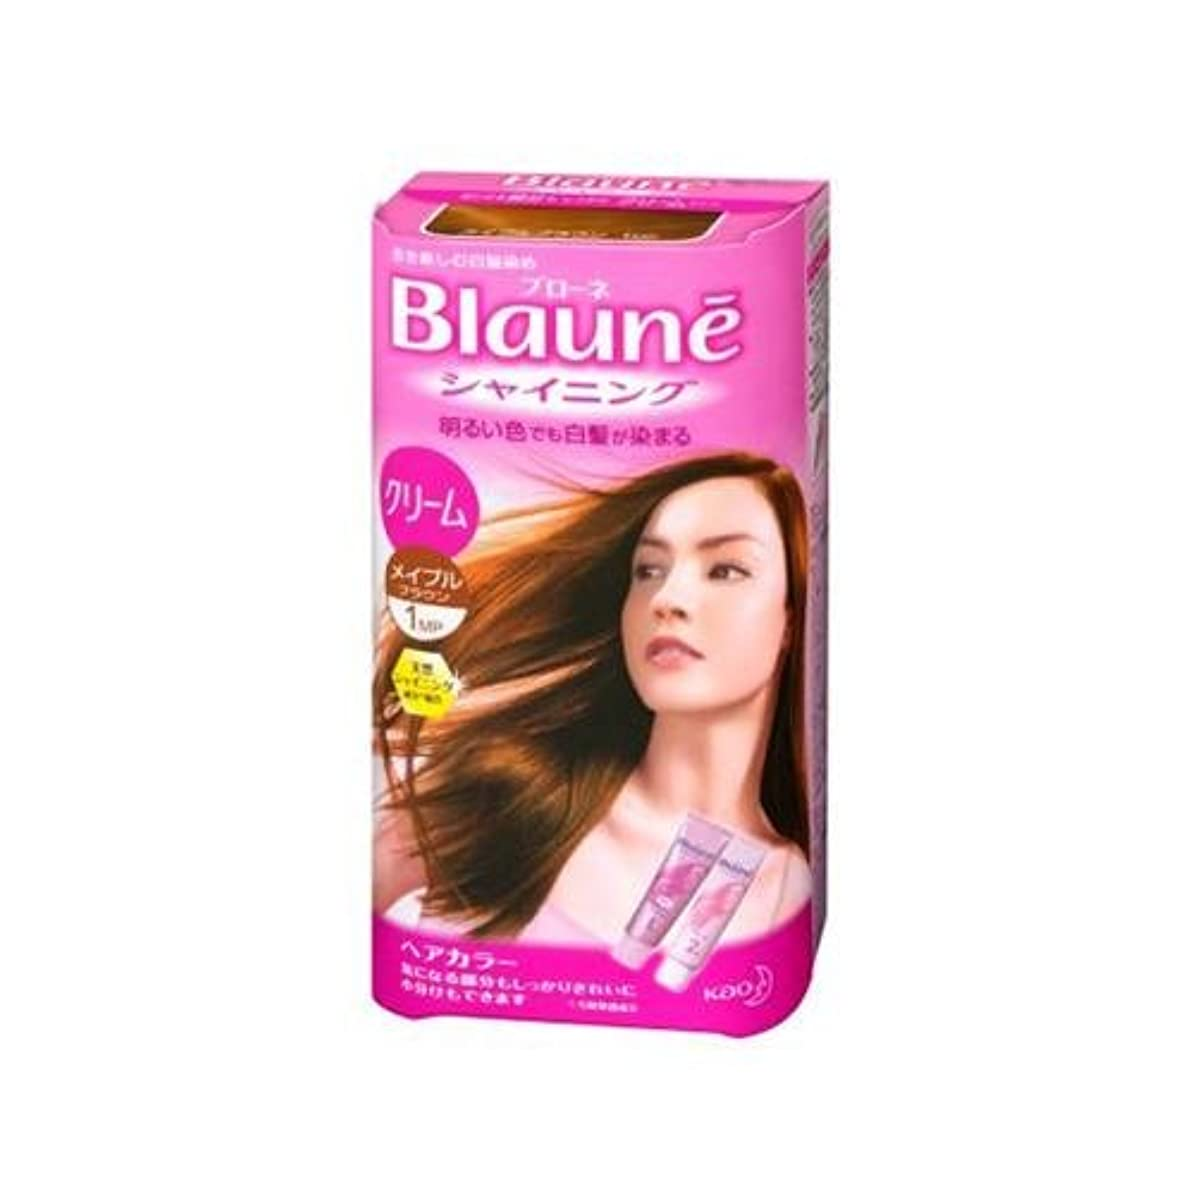 固めるめったに樹木花王 ブローネ シャイニングヘアカラー クリーム 1剤50g/2剤50g(医薬部外品)《各50g》<カラー:メイプルBR>